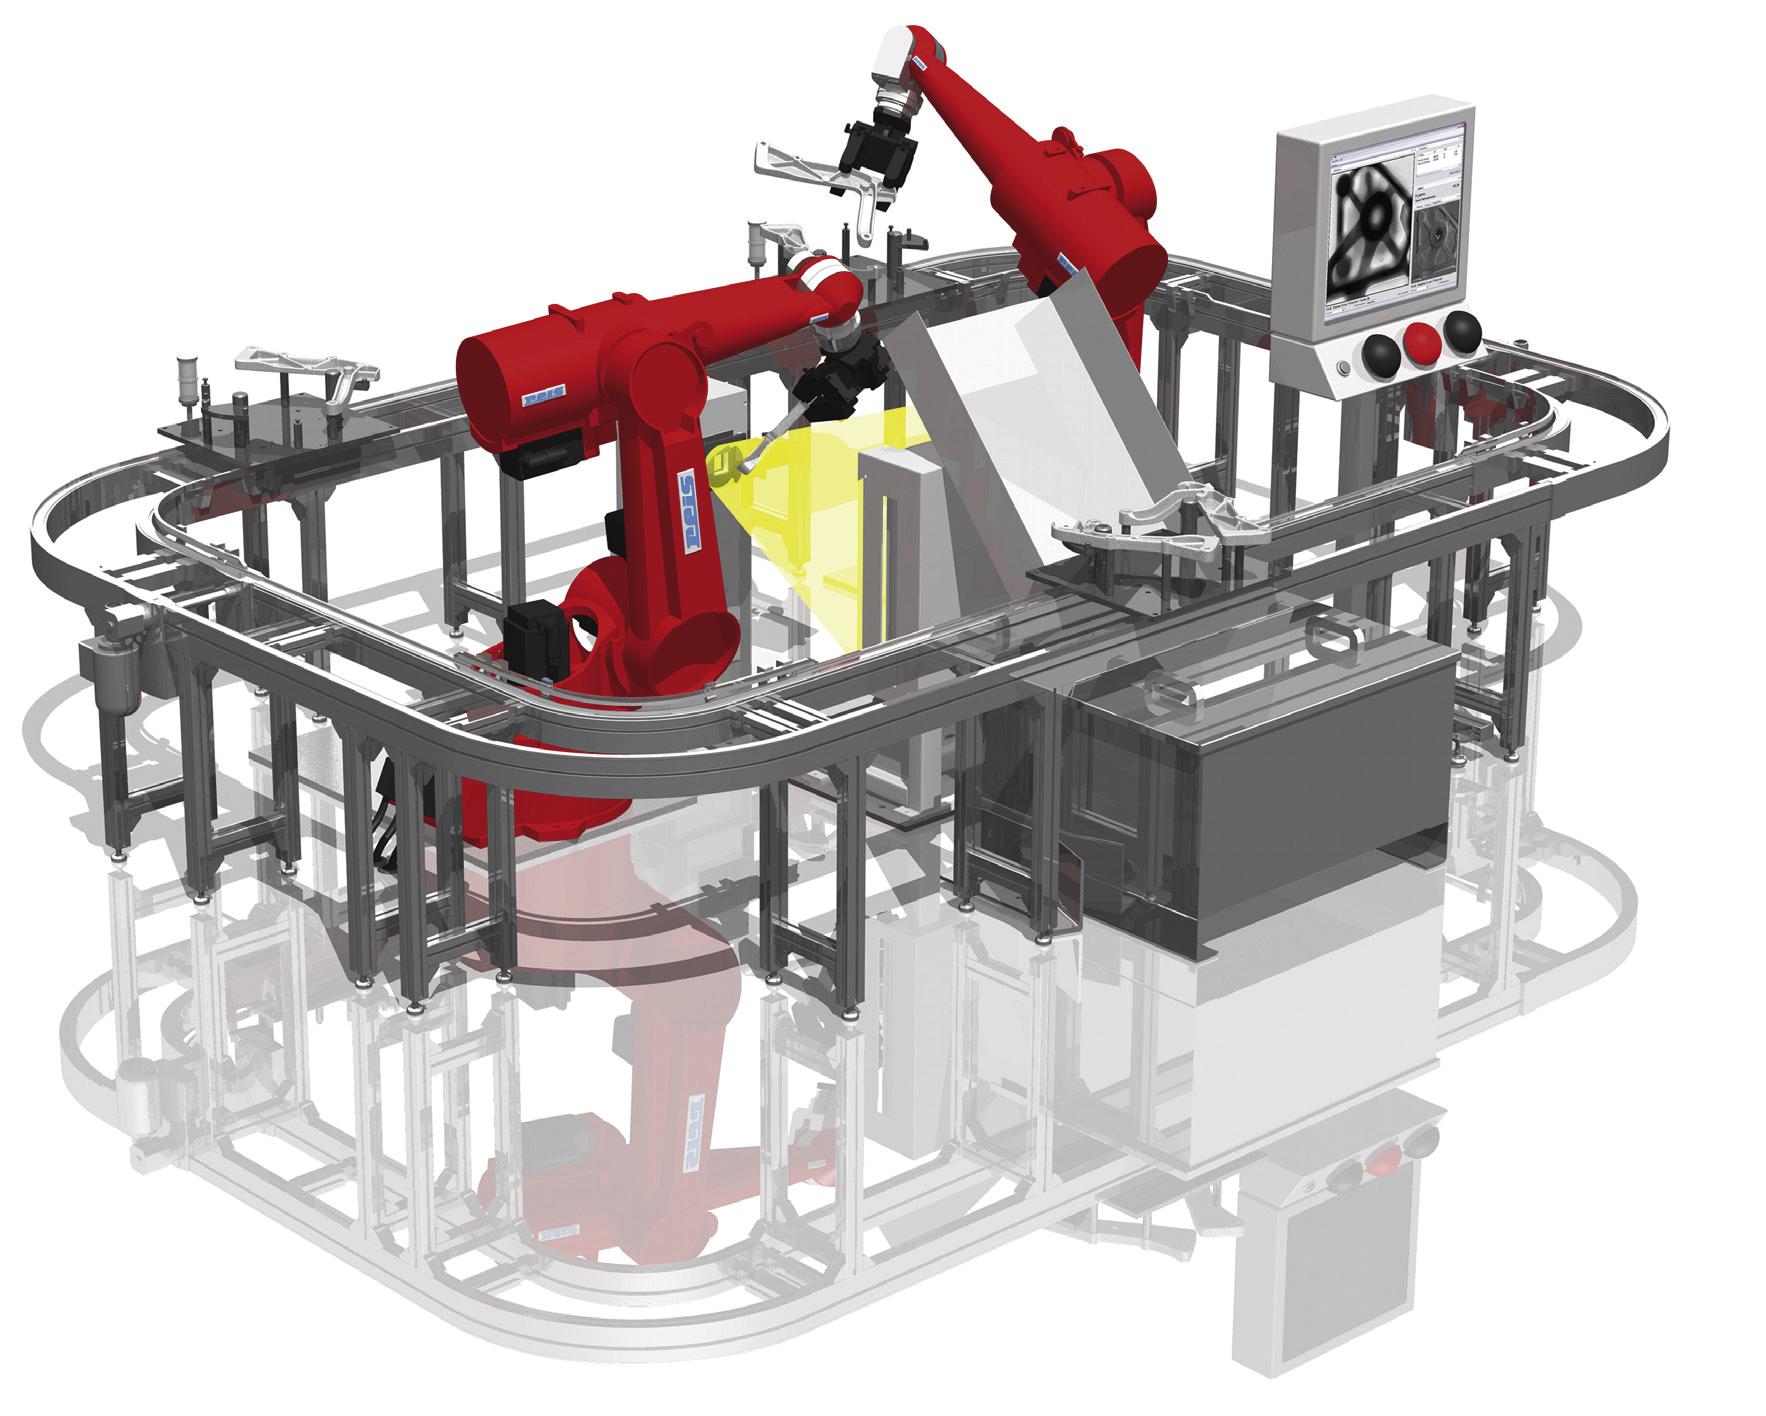 Bild 2: Roboterbasierte Lösung zur Prüfung von Achsen (Quelle: Fraunhofer EZRT)